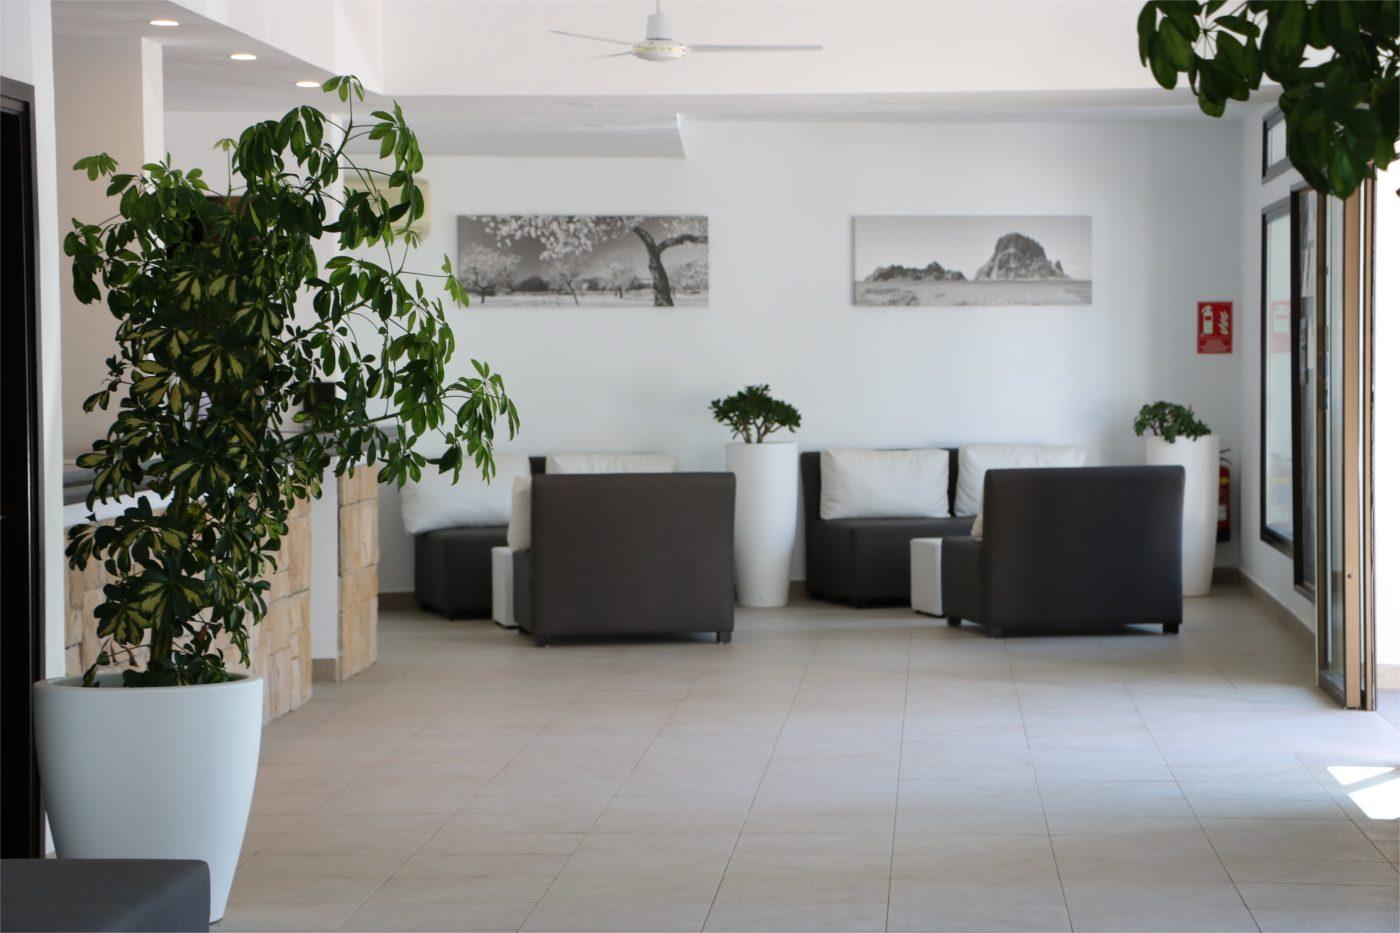 club cala azul lobby (2)